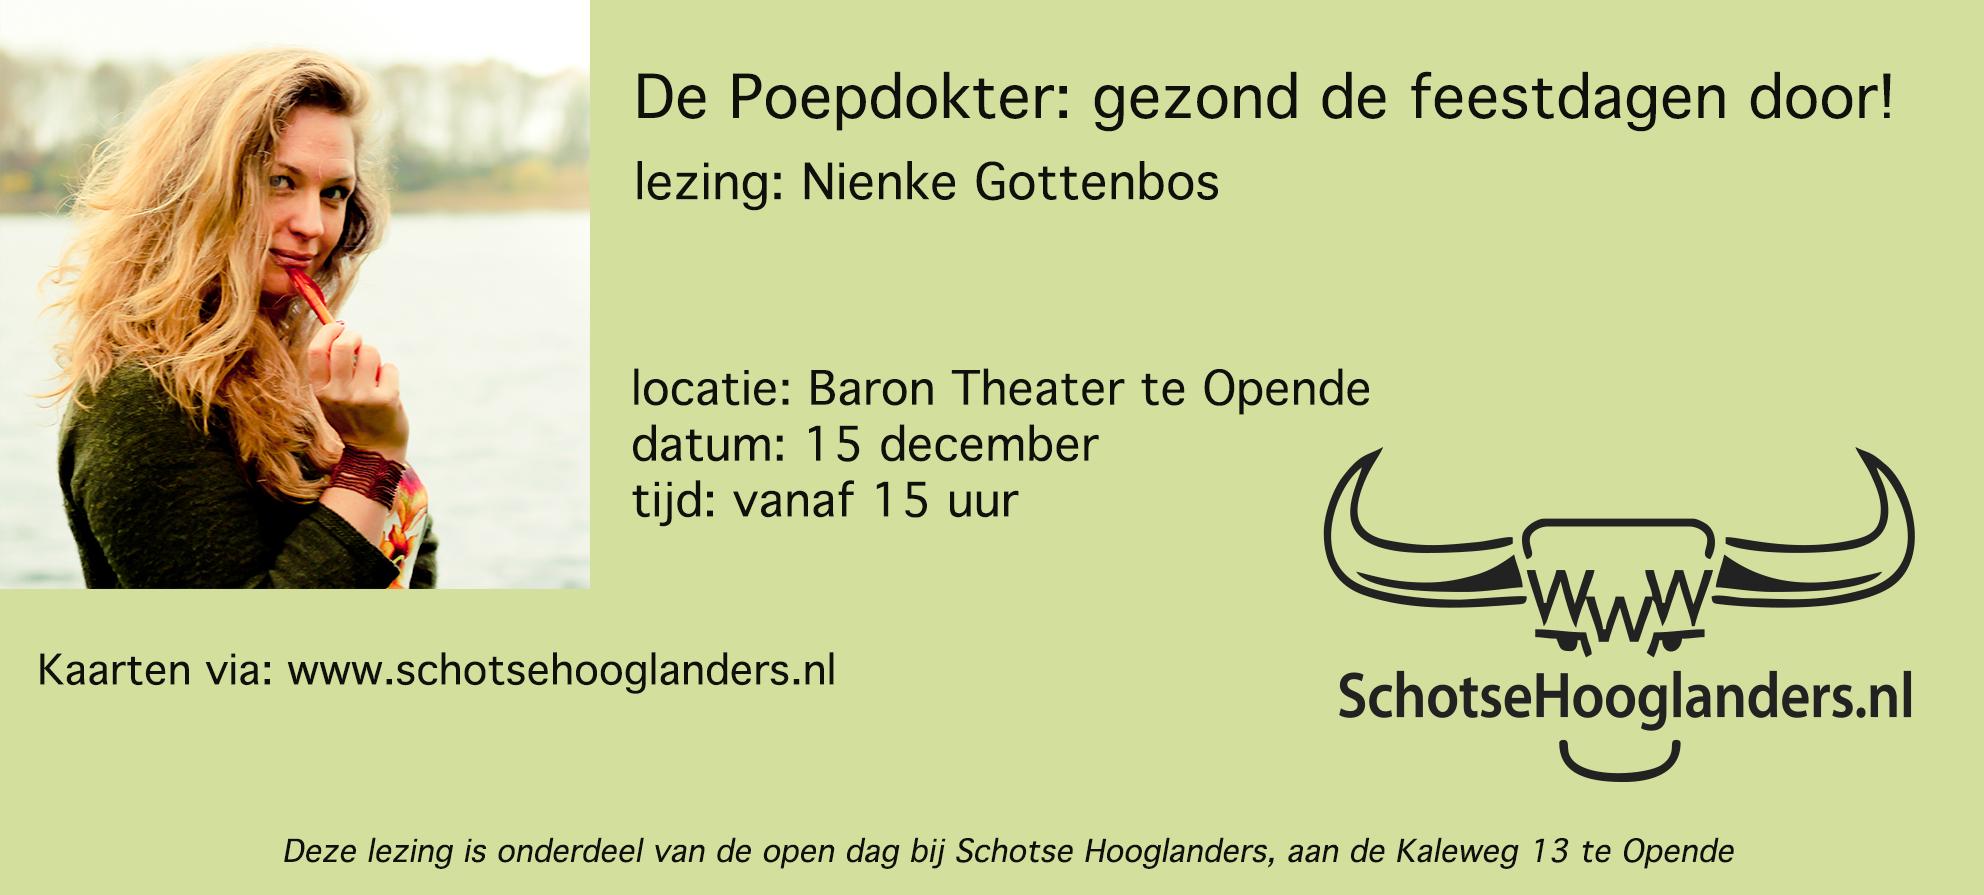 Poepdokter_opende_open_dag